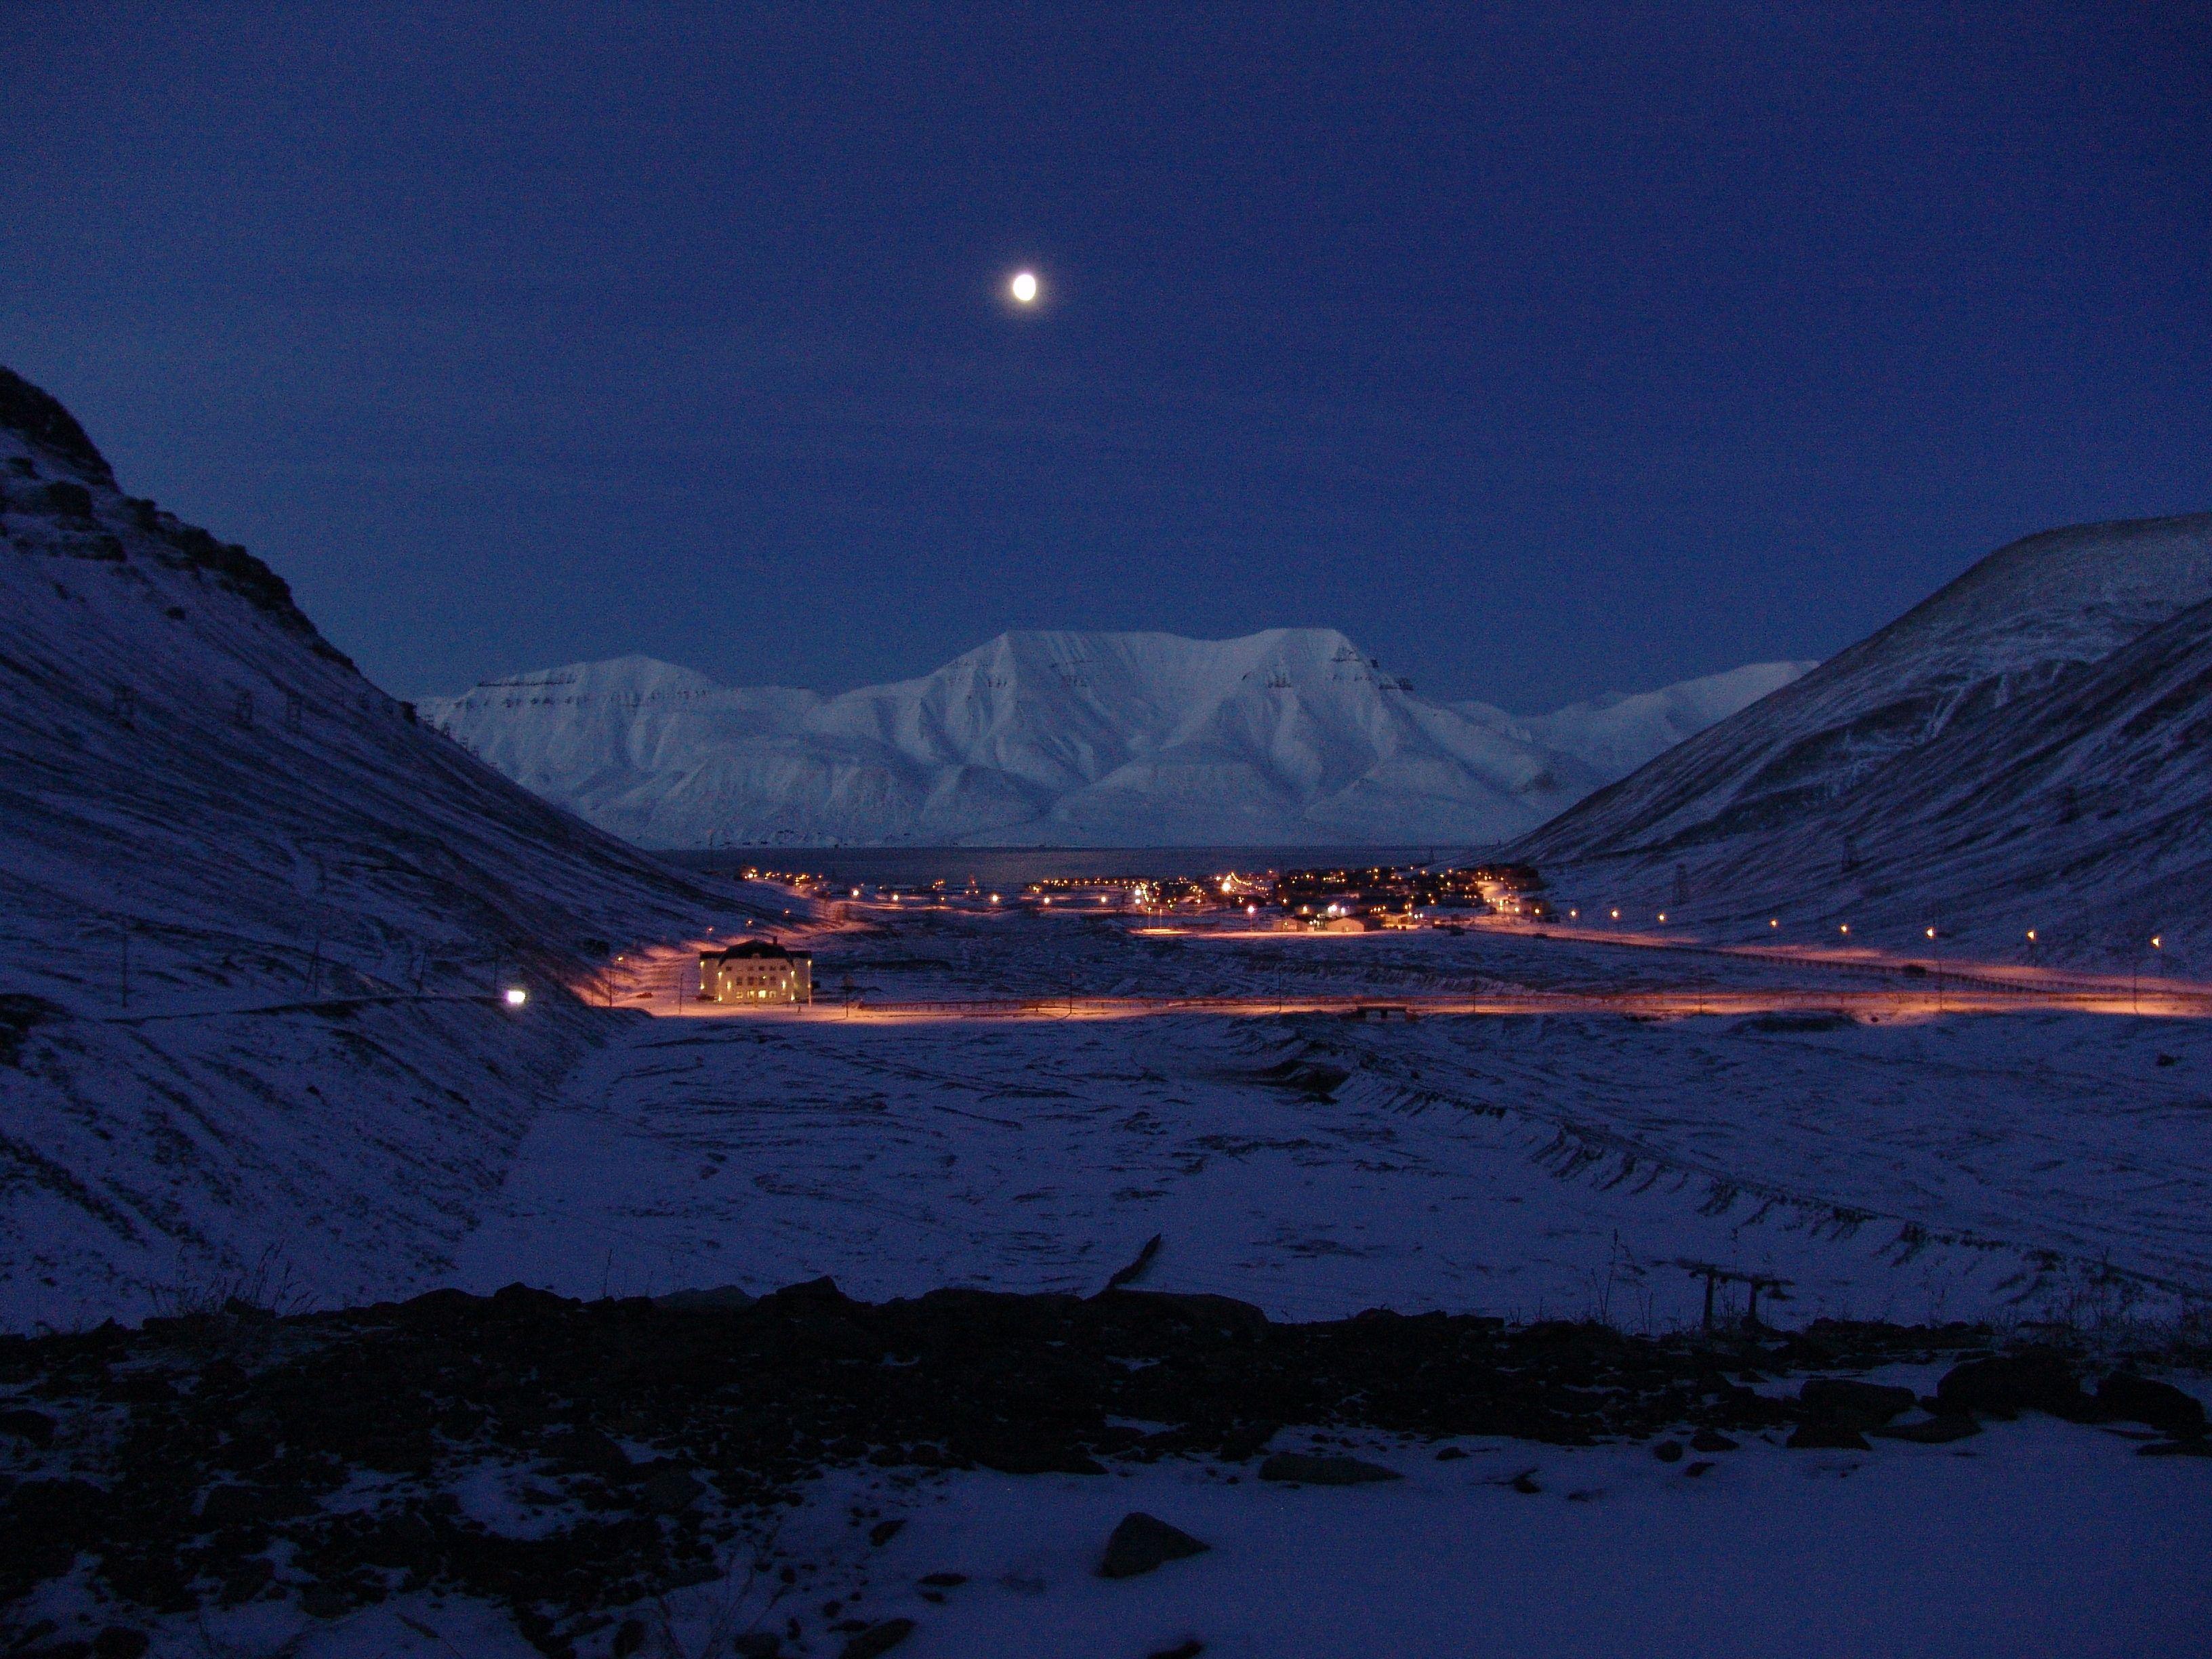 Casa Verde: The Svalbard Global Seed Vault Opens ...